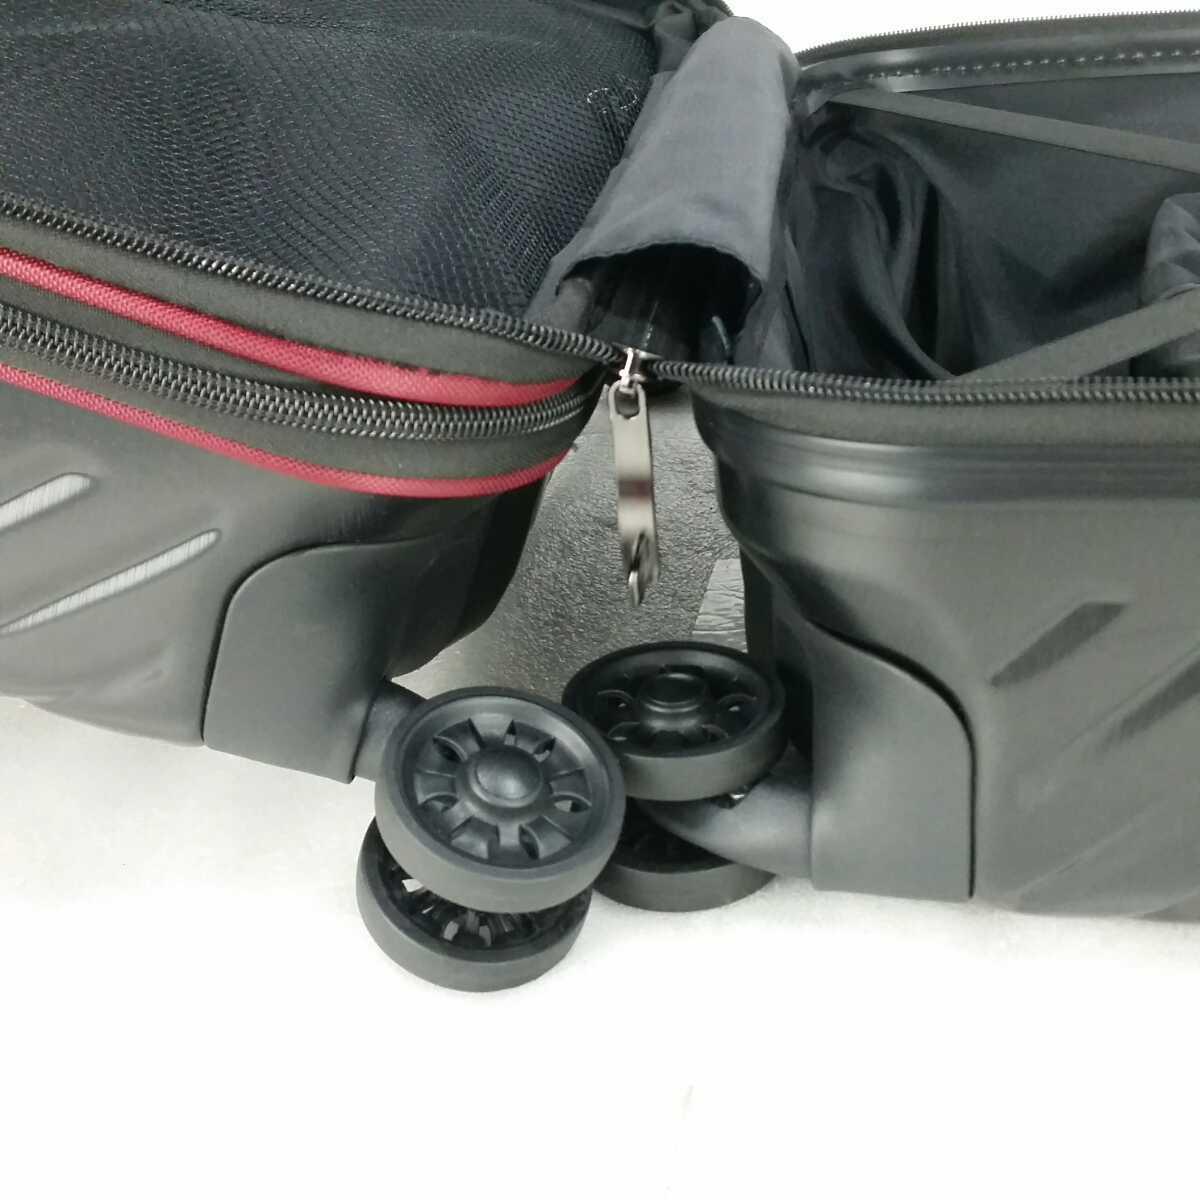 ス111 Sサイズ 横型 フロントオープン スーツケース キャリーケース 機内持ち込み 拡張機能 ブラック_画像8